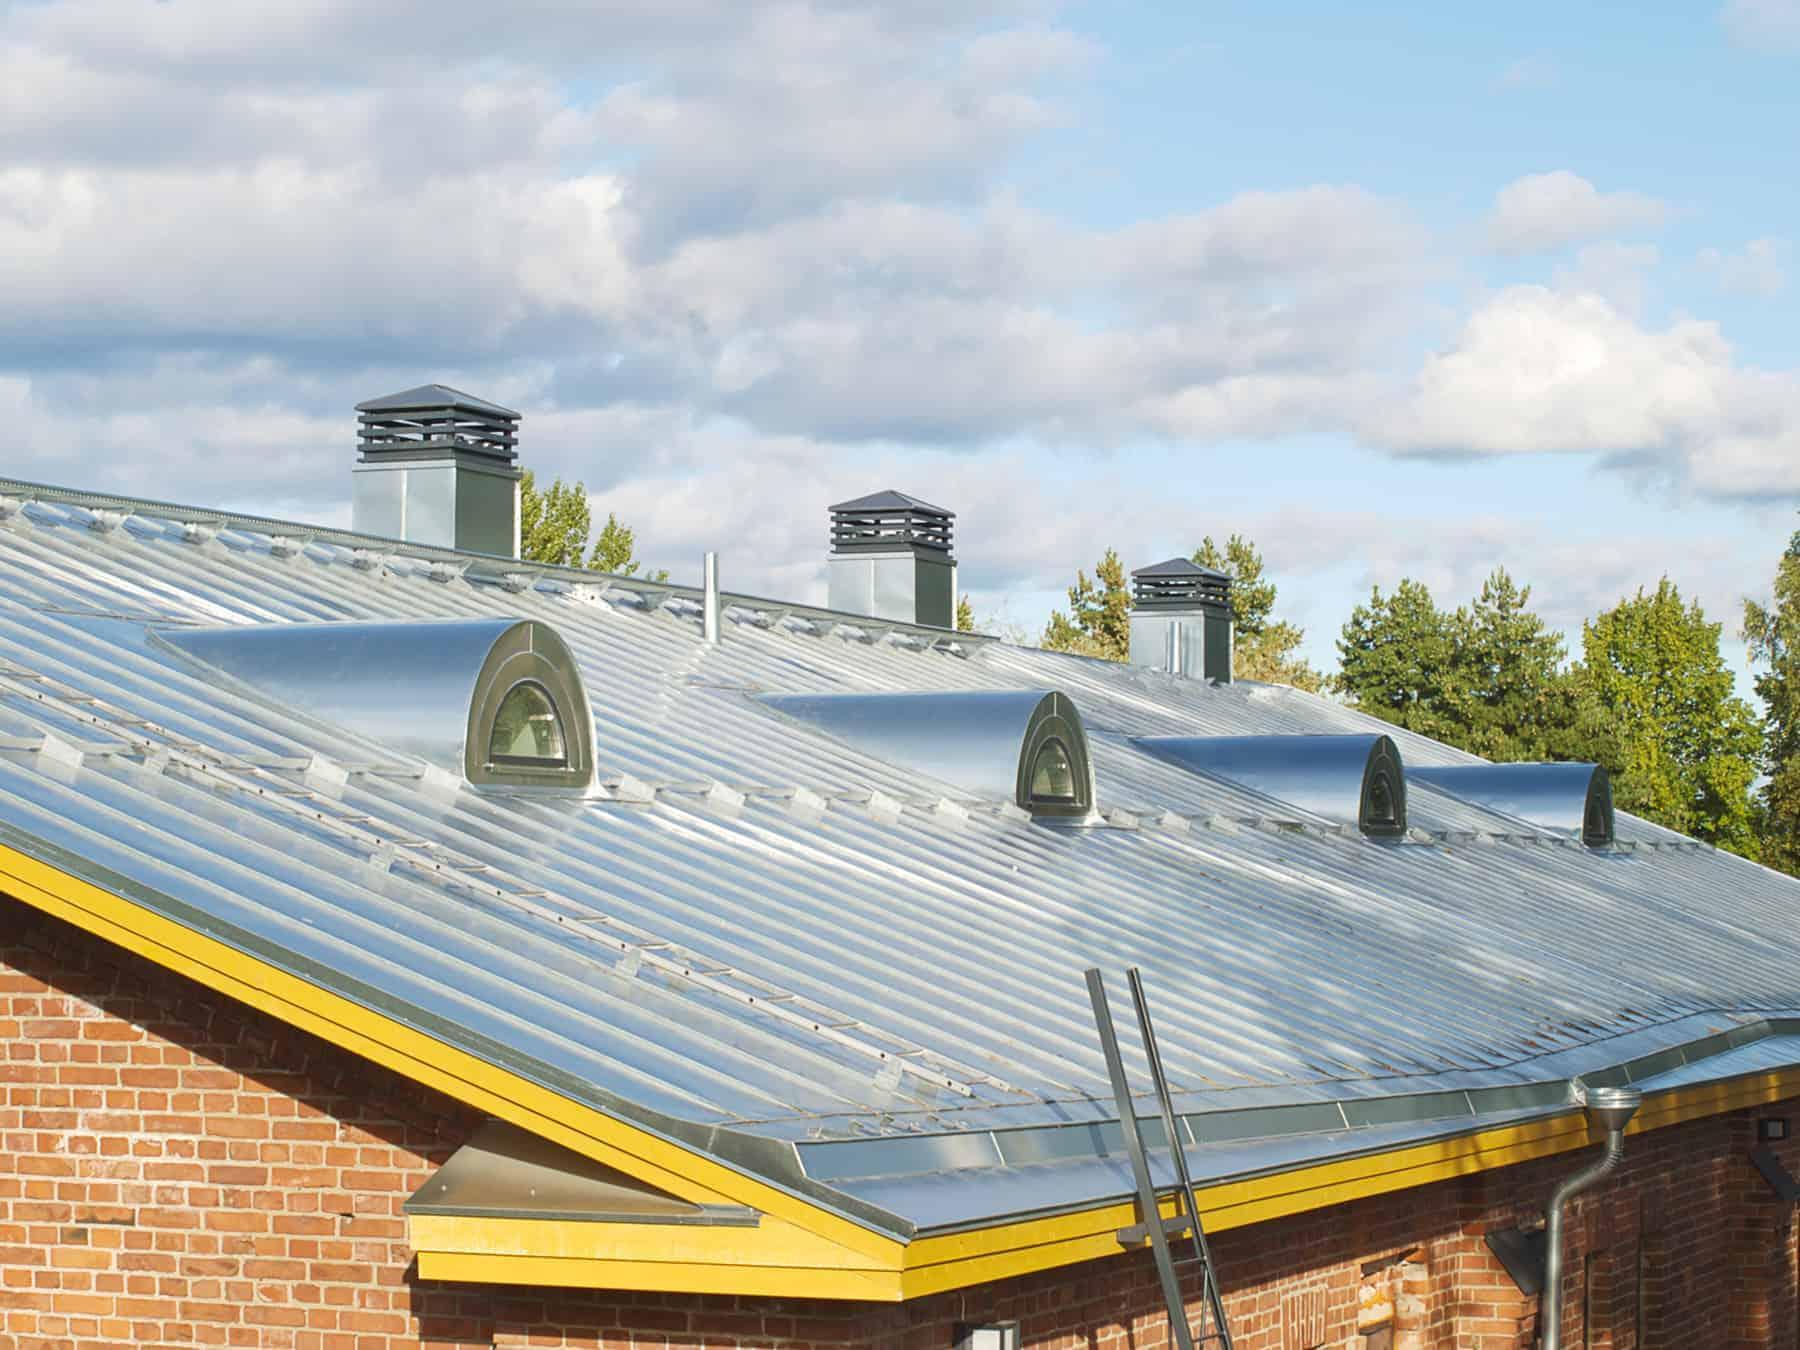 Inteligentny Blacha na dach: blachodachówka, blacha trapezowa, czy na rąbek? EA34